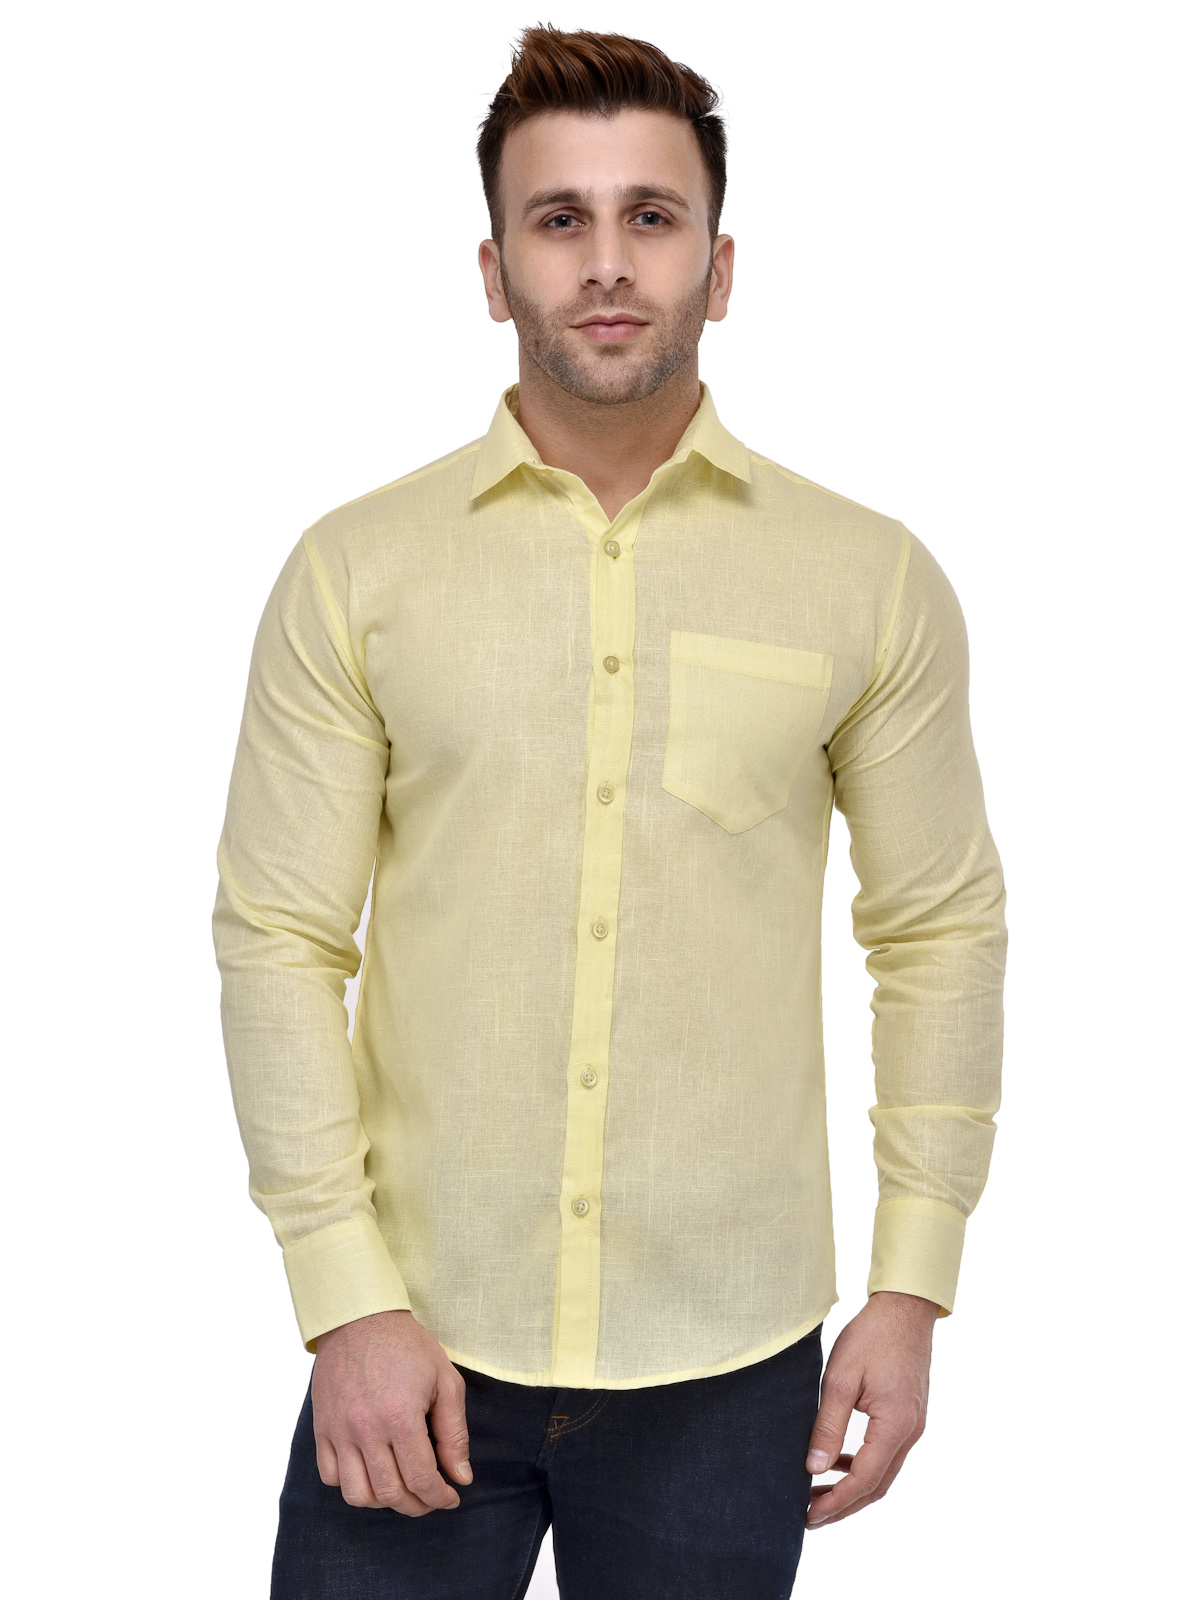 Hang UpCasual lm_Casual_Shirt_Yellow_38